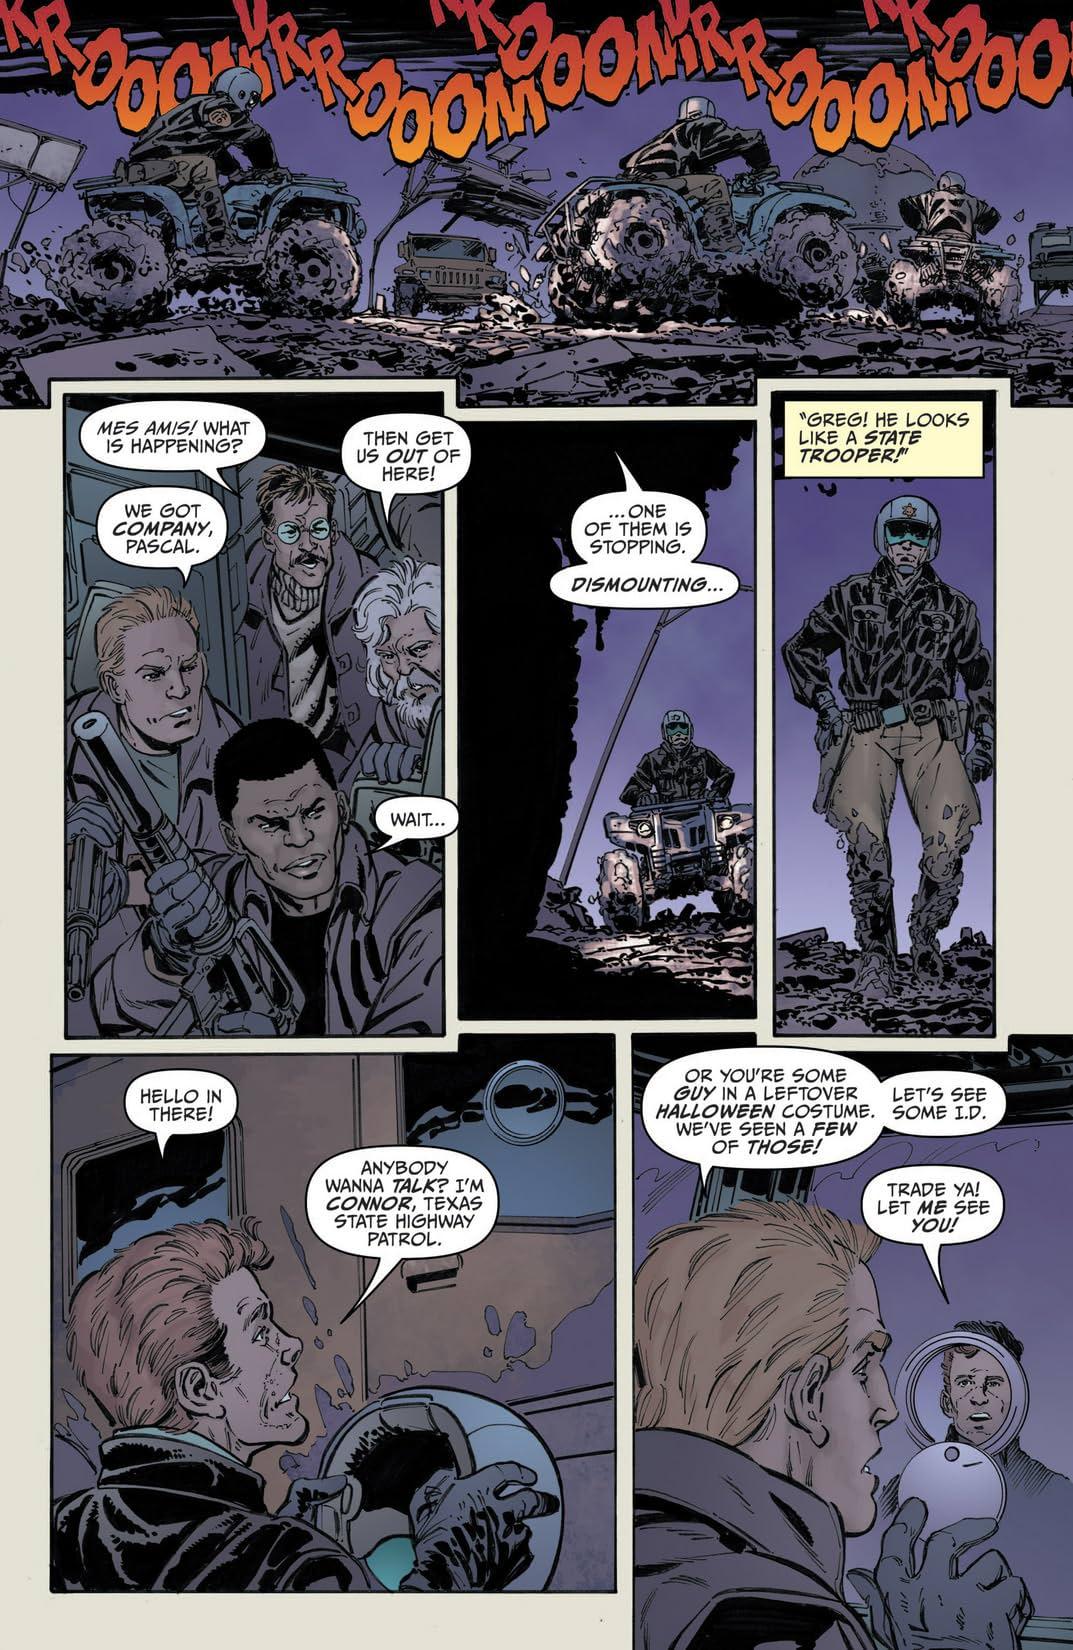 Doomsday.1 #2 (of 4)